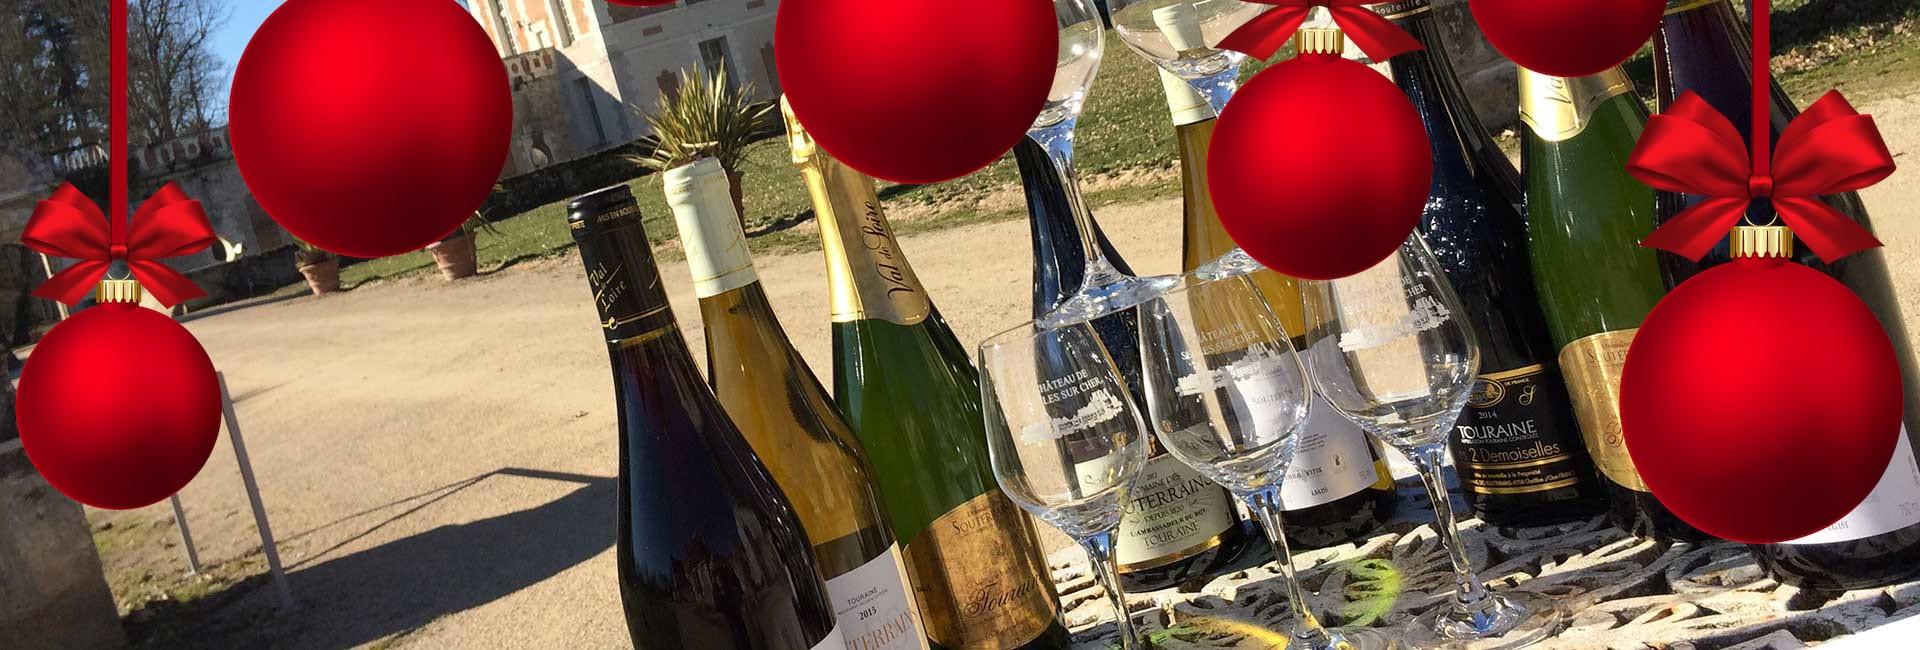 Pour Noël et le Réveillon, achetez en ligne les vins du château de Selles sur Cher !